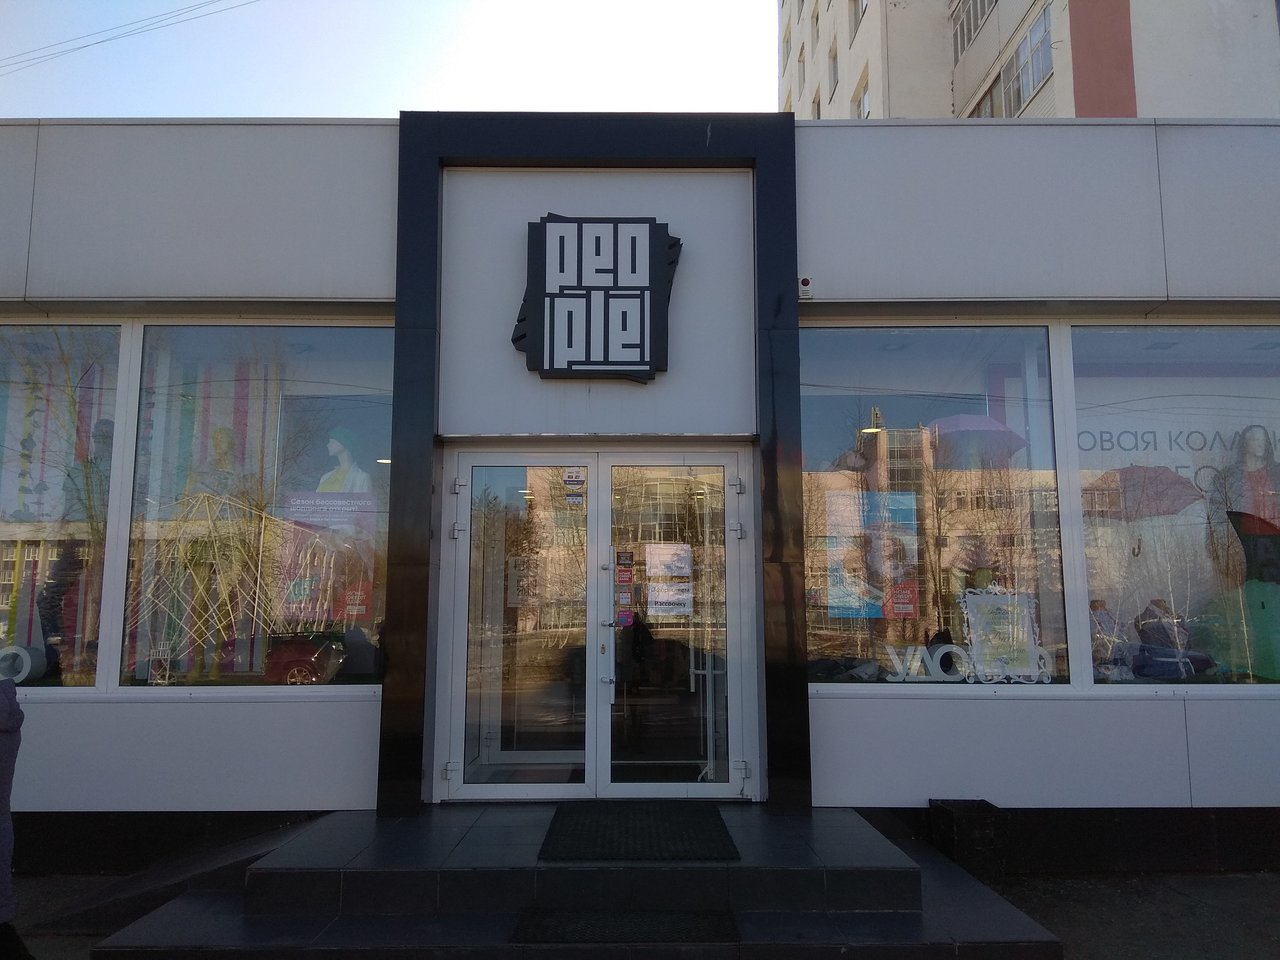 Проспект Комсомольский Нефтекамск 44 Магазин Одежды